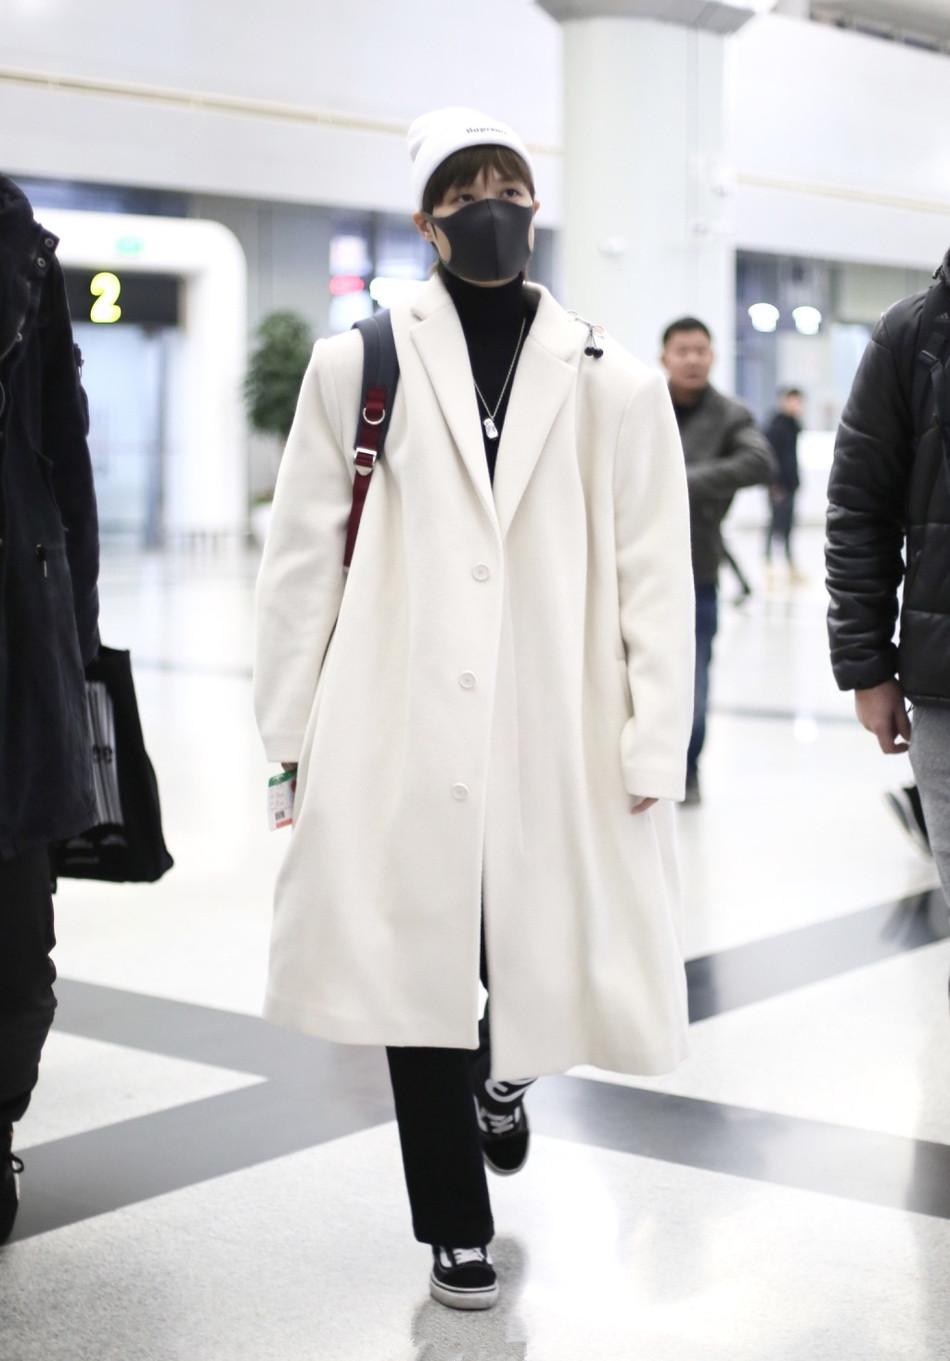 """李宇春新造型真抢镜,穿白色风衣气场十足,""""禁欲""""眼神太撩人"""